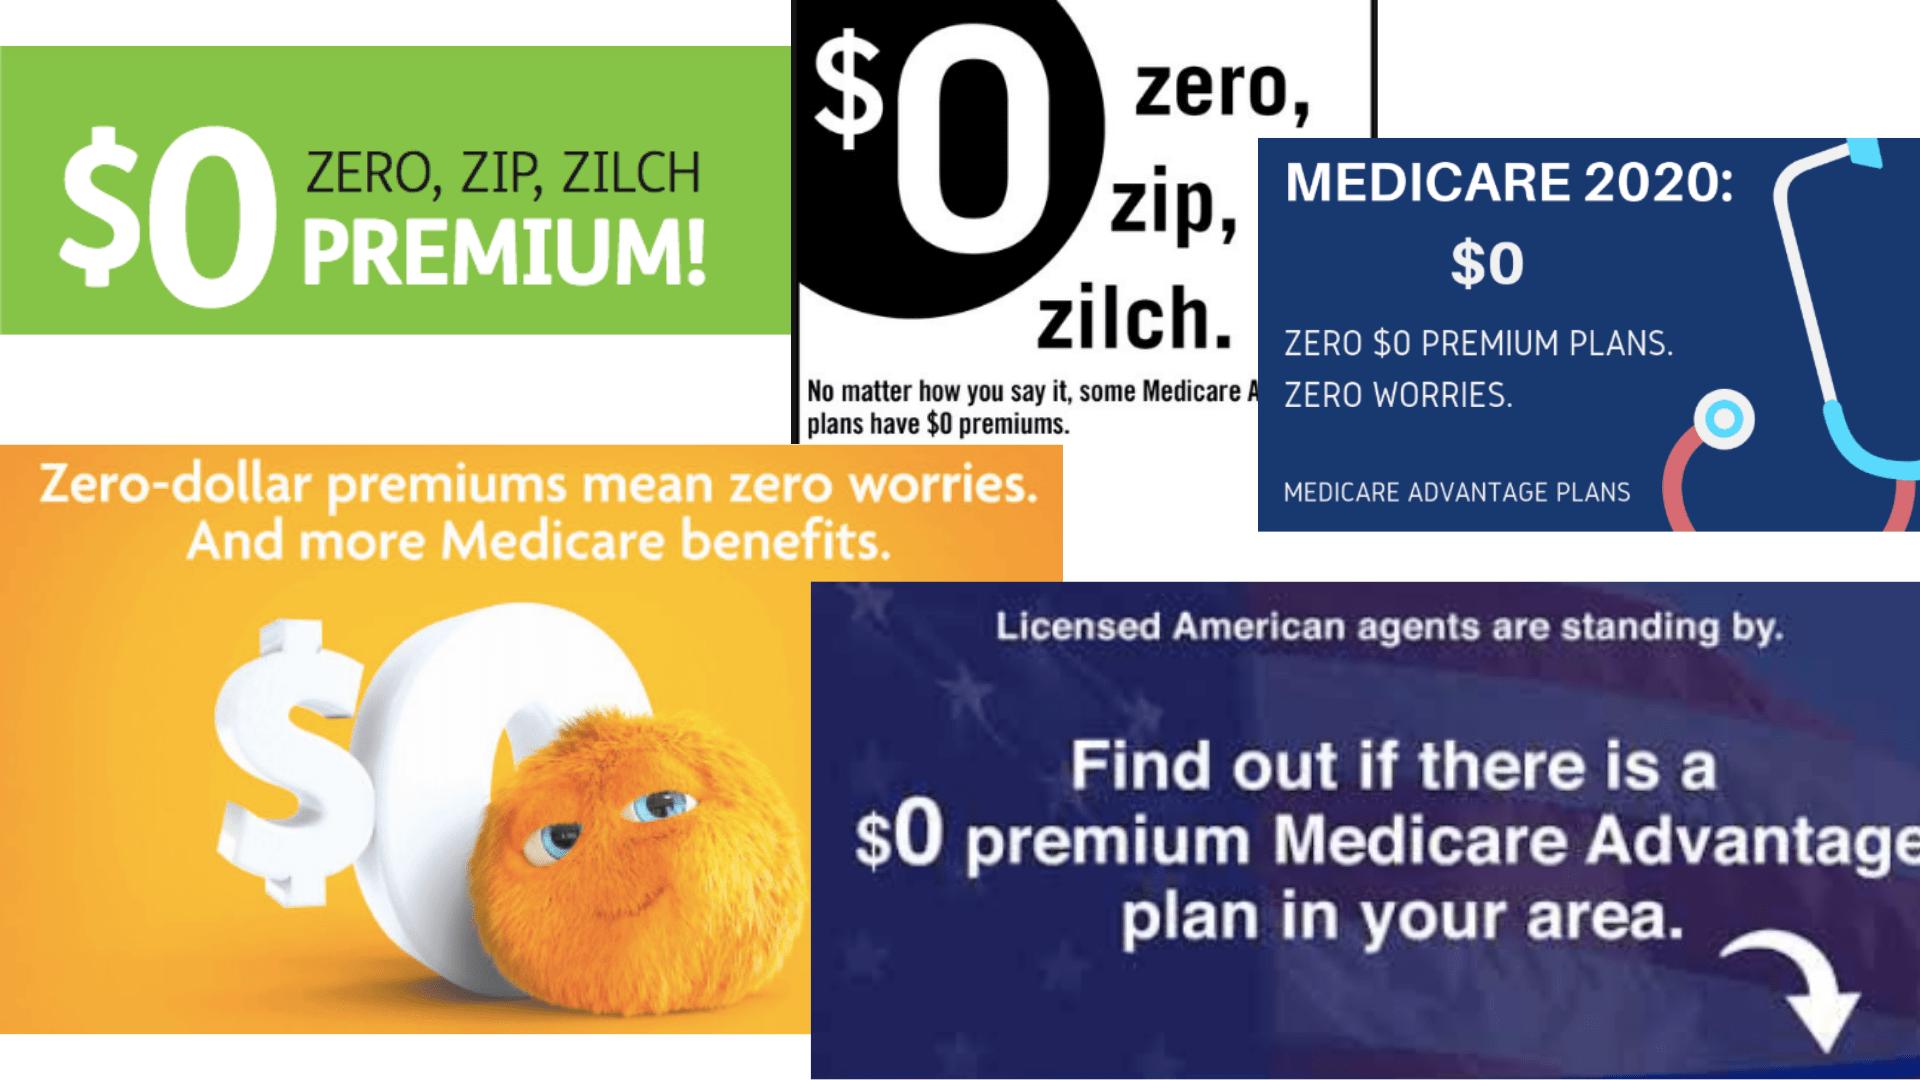 Medicare Advantage $0 Premium